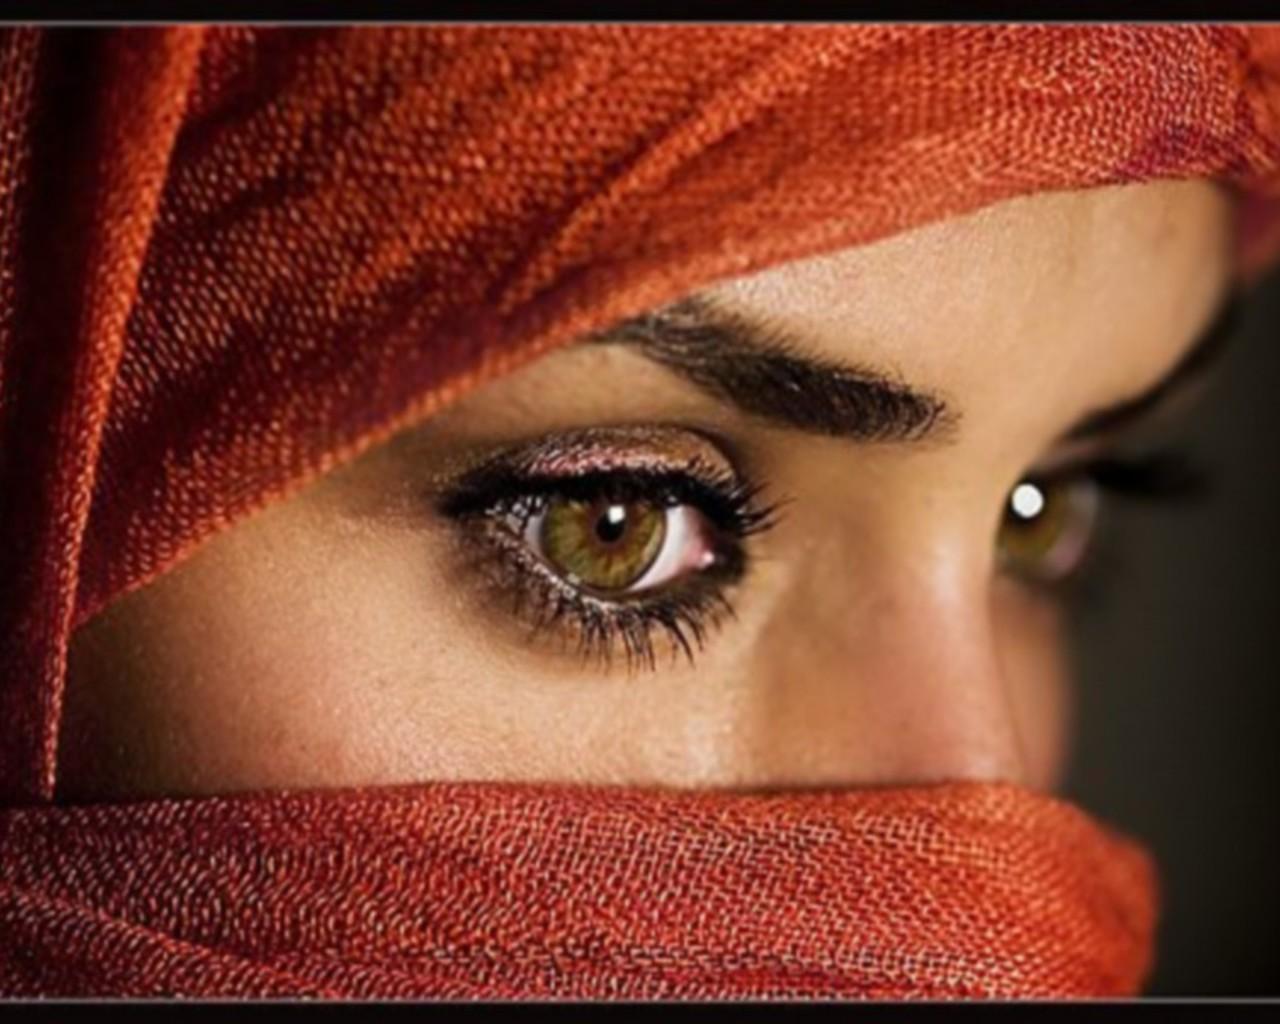 بالصور اجمل عيون النساء , عيون تجذبك وتسحرك لاجمل النساء 5217 4